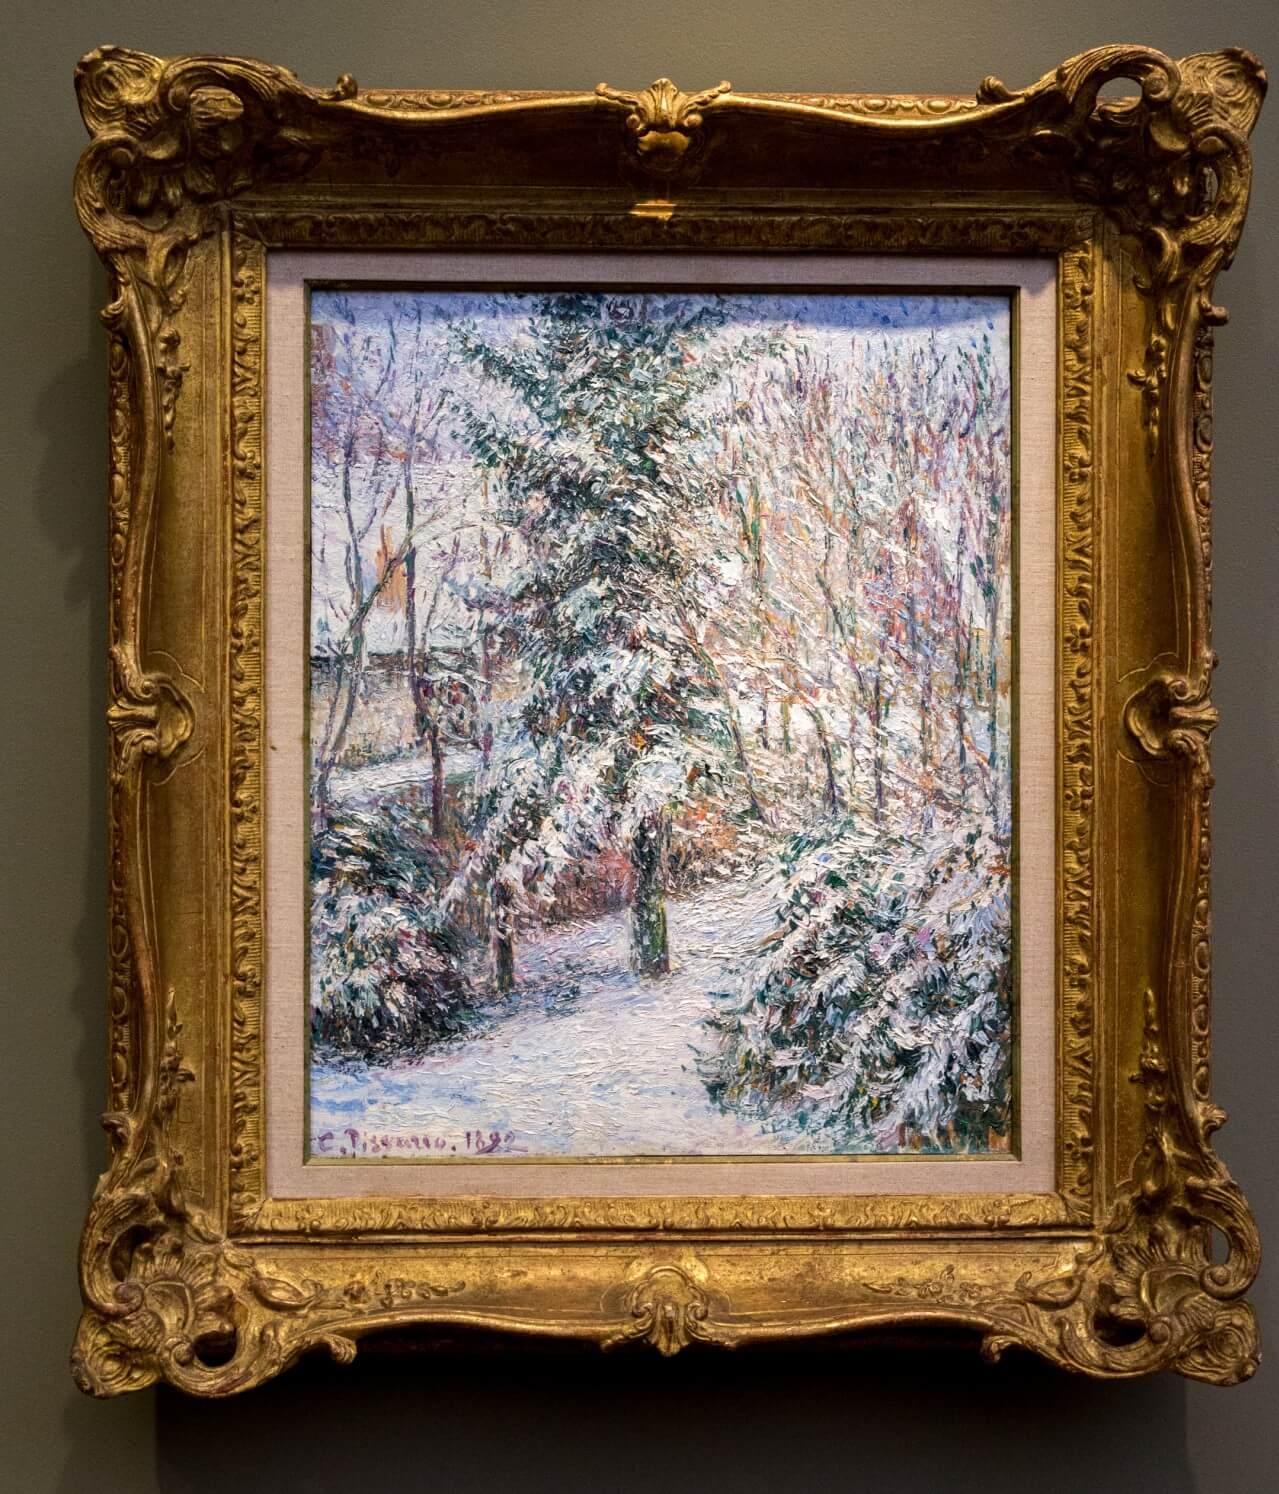 Camille Pisarro, Gartenecke, Schnee, Erágny (1892)